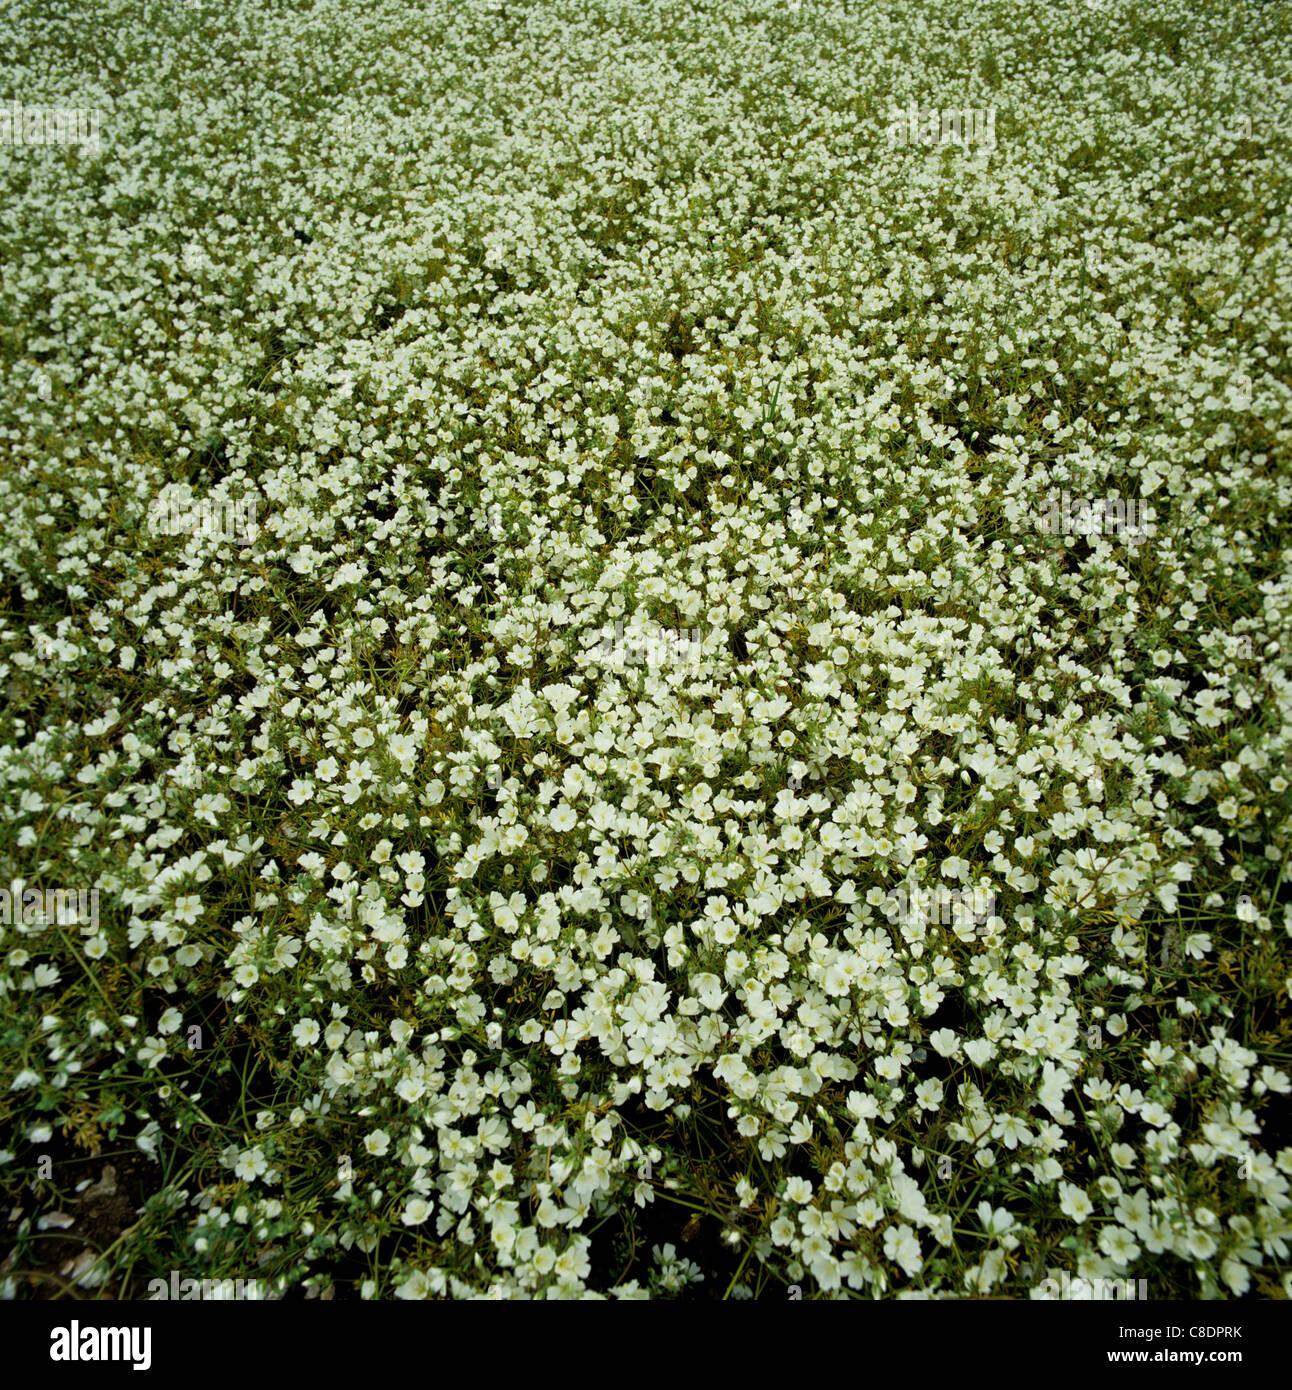 Un limnanthes (Limnanthes alba) raccolto in pieno fiore Immagini Stock